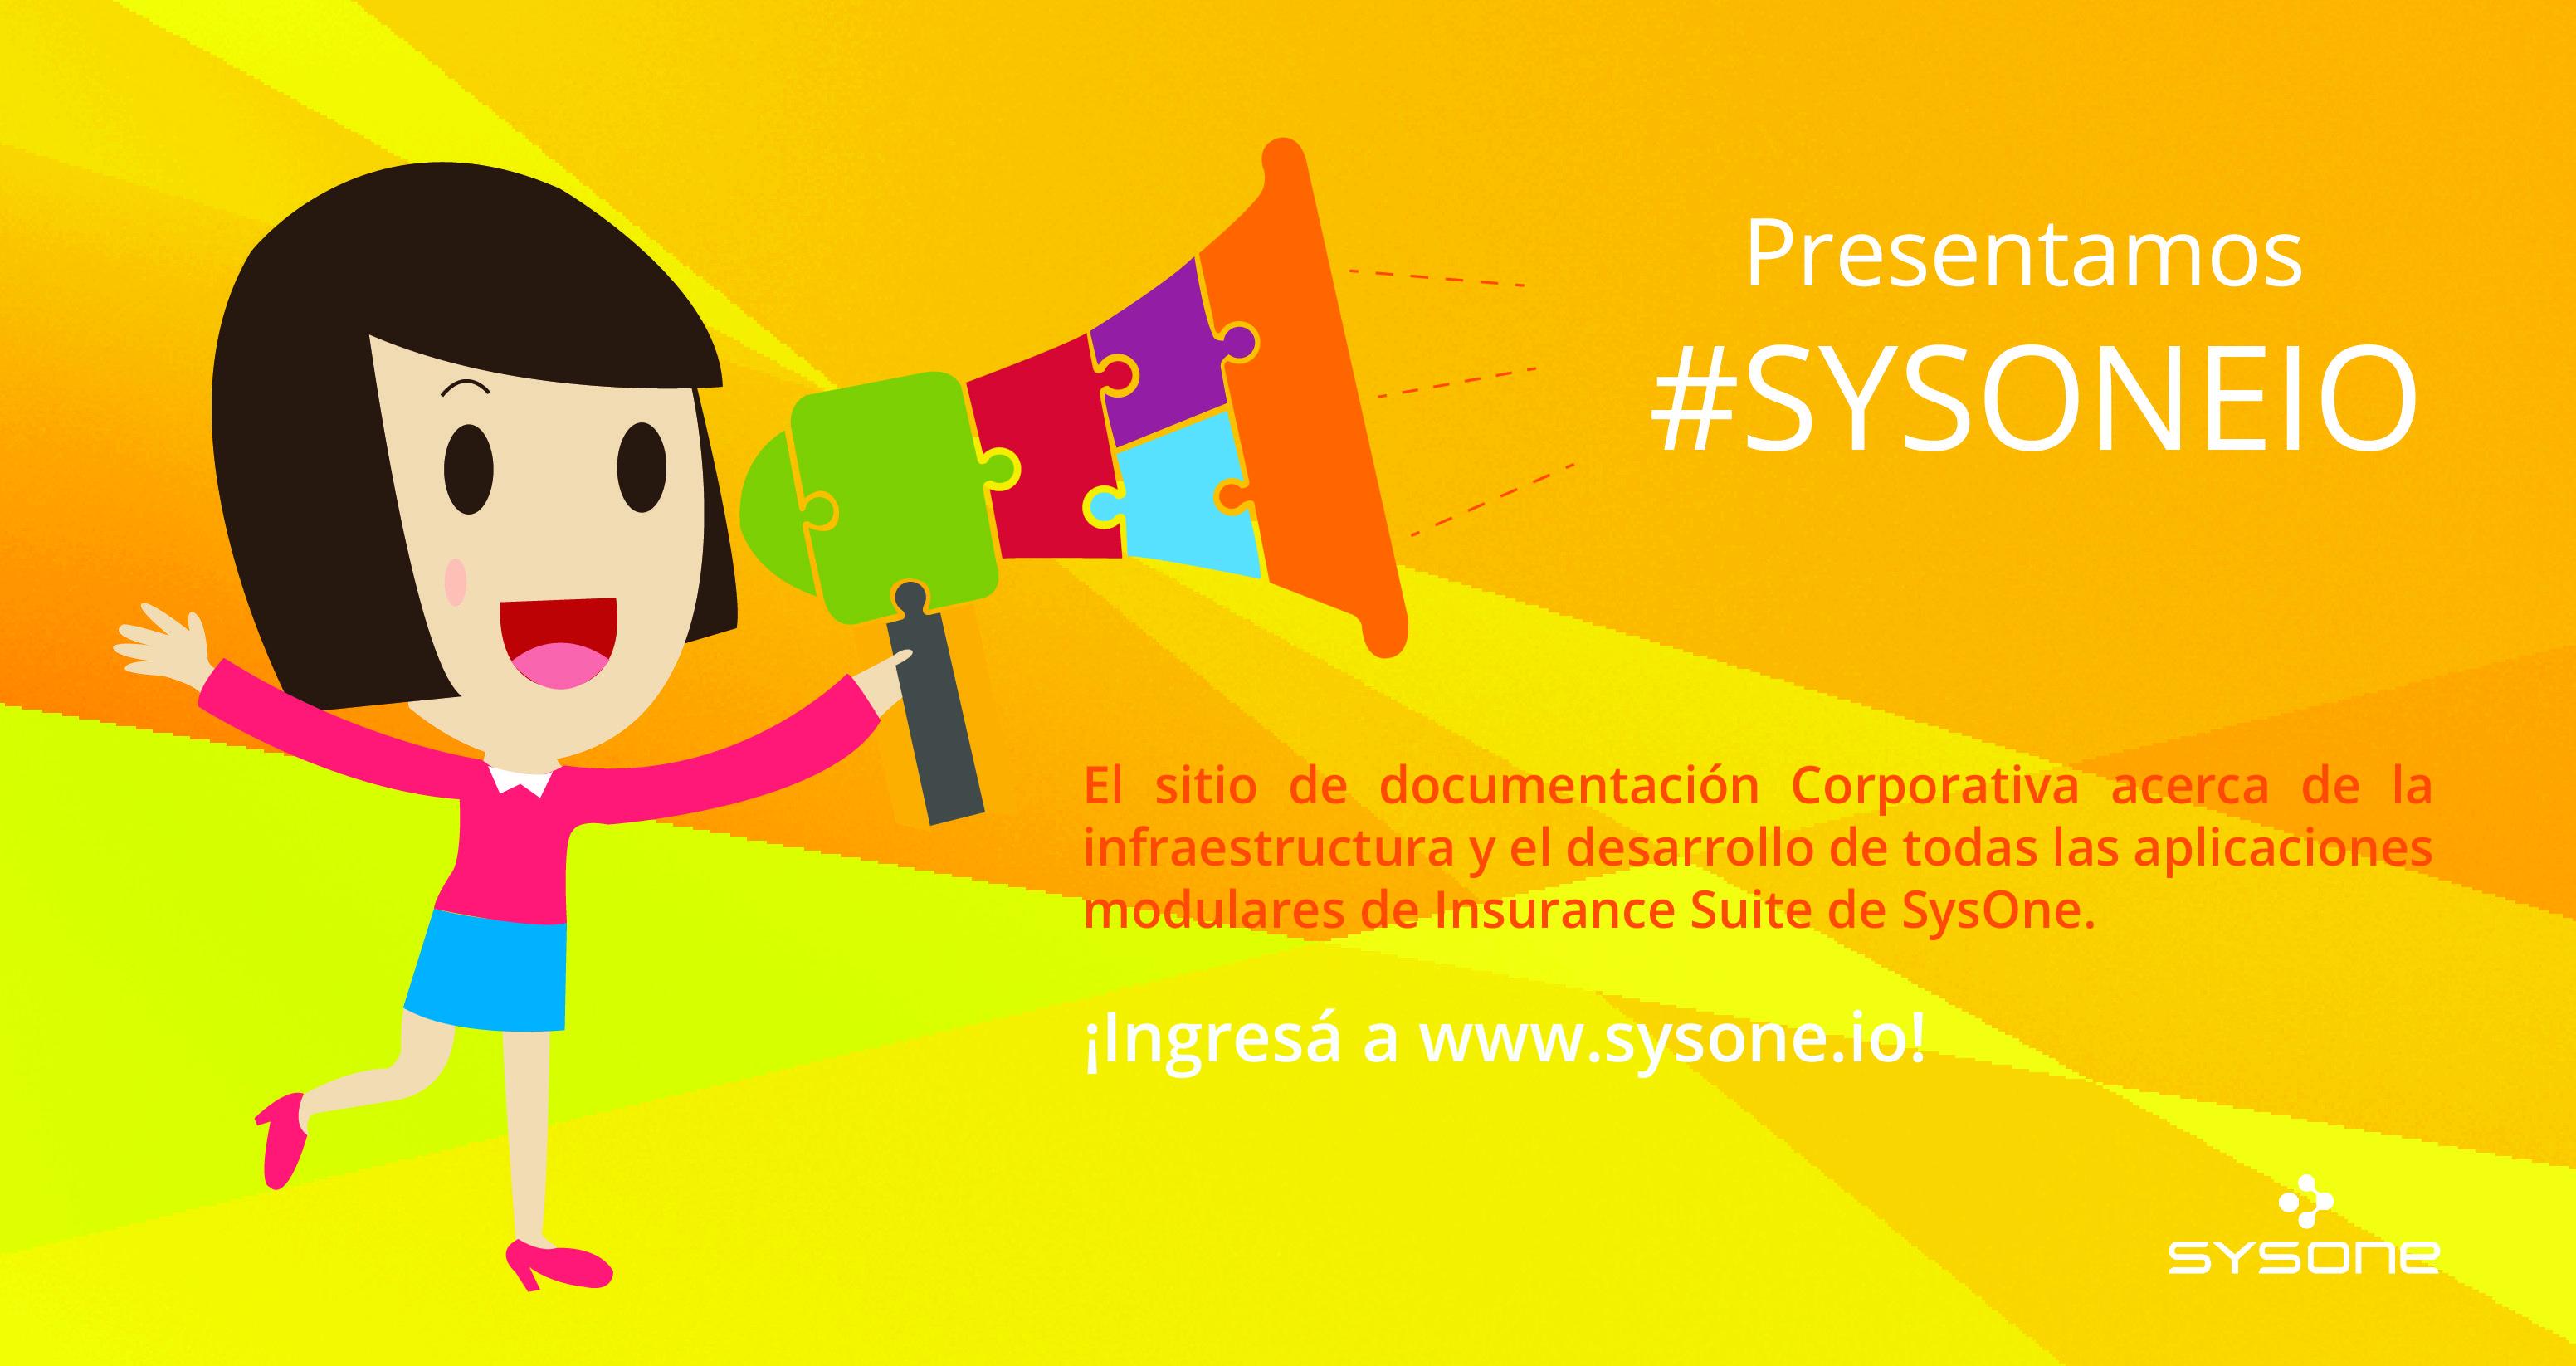 Te presentamos SYSONE IO, el nuevo sitio de documentación corporativa de SysOne!... Ingresá a http://www.sysone.io/ e informate!!...